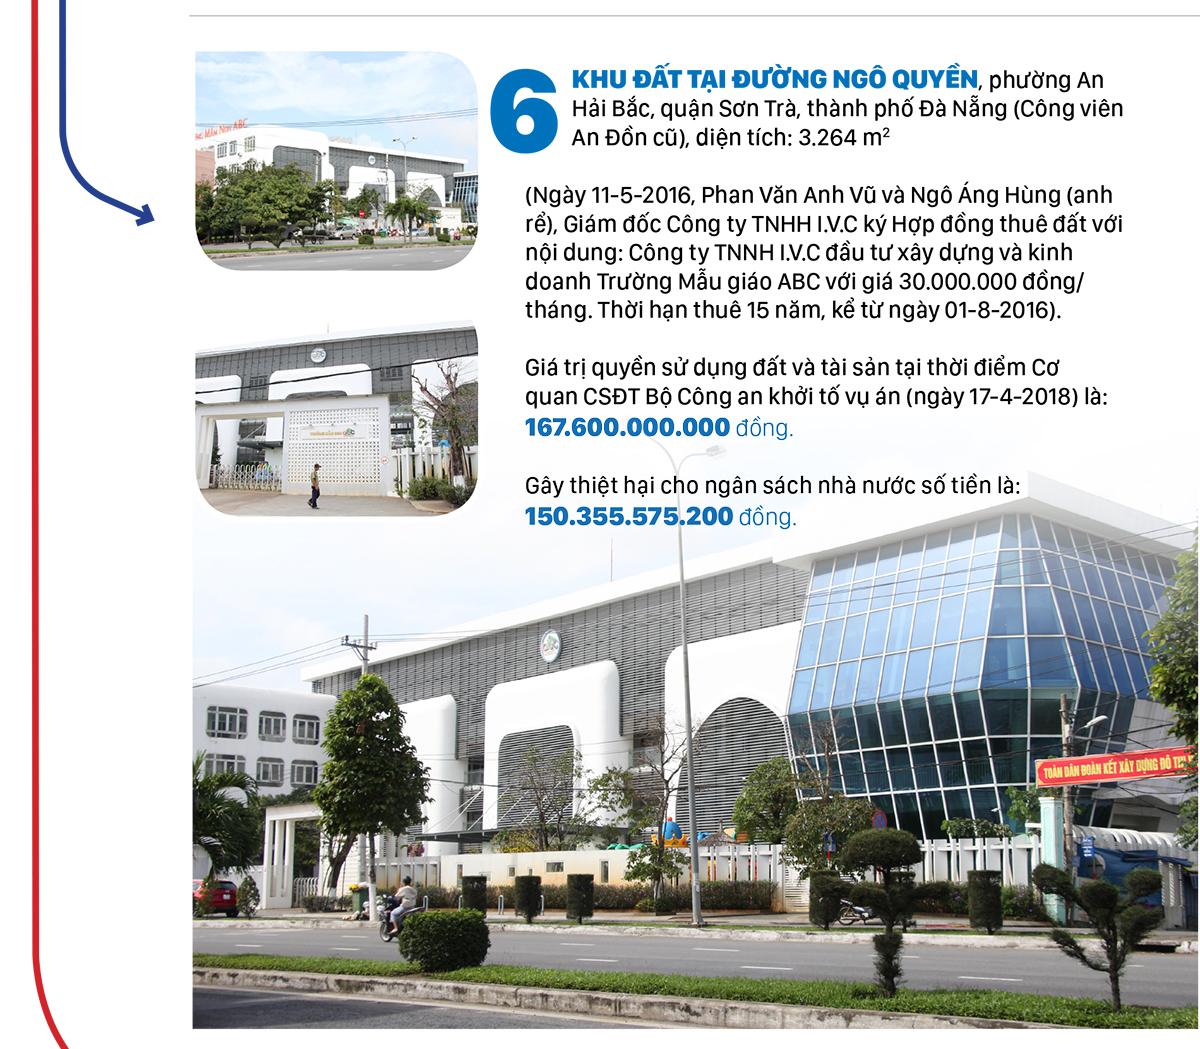 7 dự án tại Đà Nẵng giúp Phan Văn Anh Vũ trục lợi hơn 19,6 ngàn tỷ đồng ảnh 7